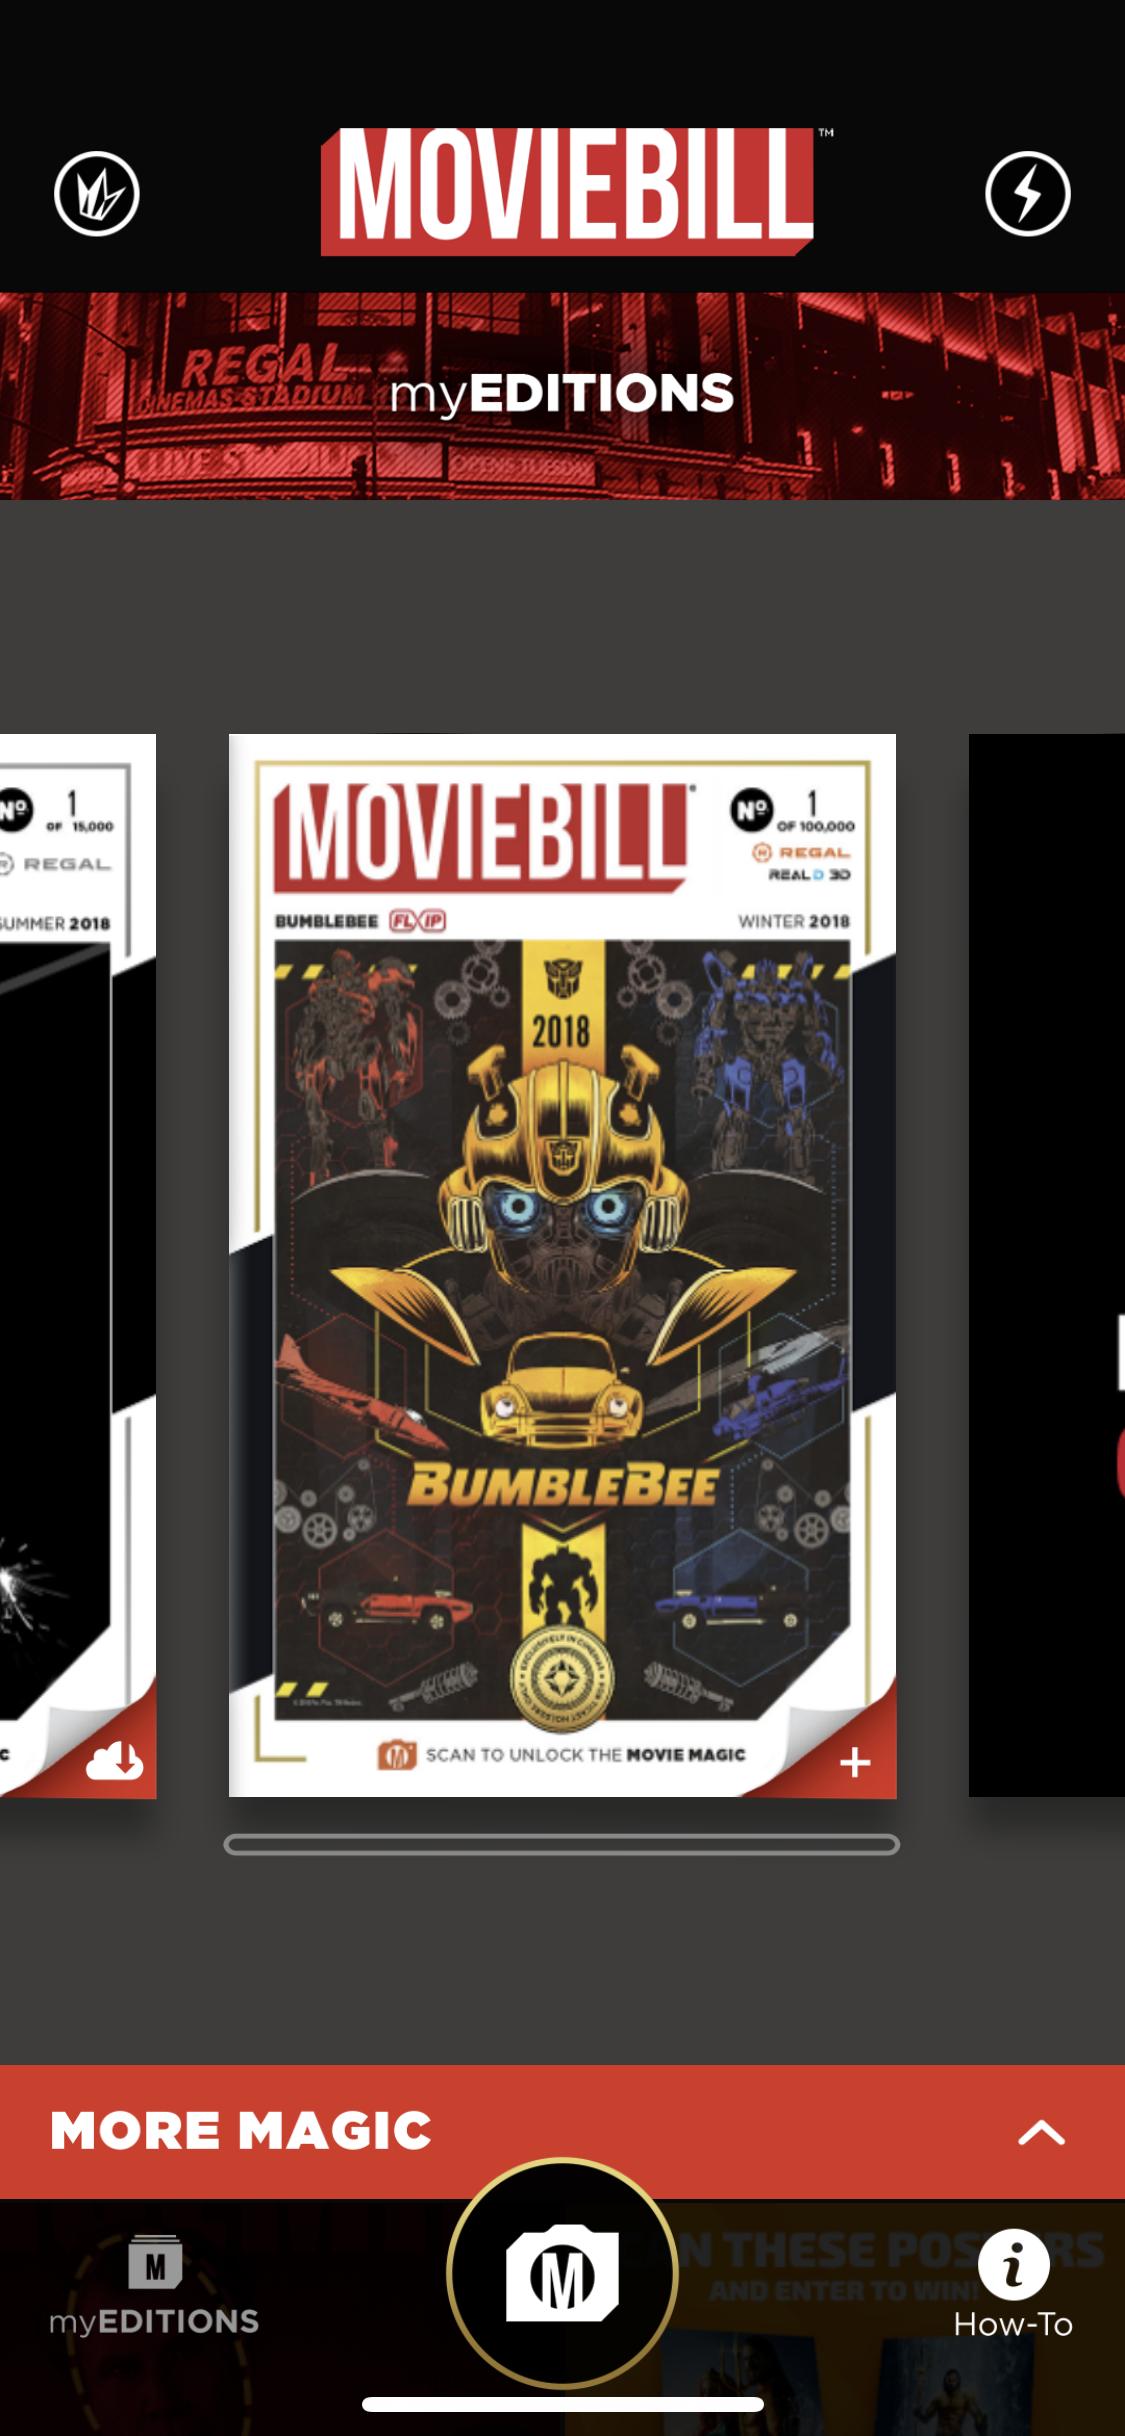 Moviebill App screenshot